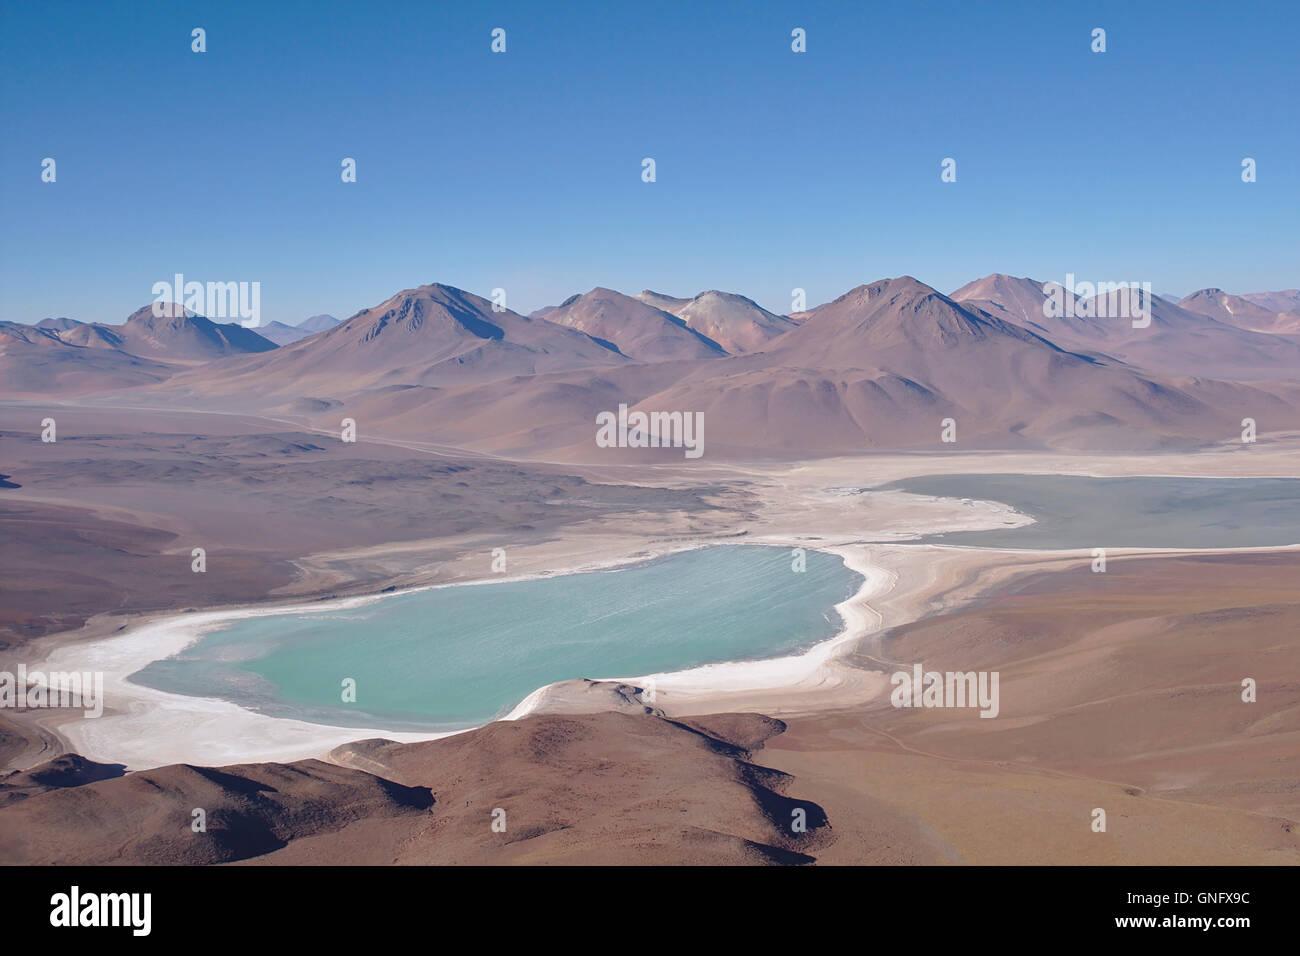 Laguna Verde (Grüner See) mit Salz Playa und Anden von Licancabur, Bolivien Stockbild